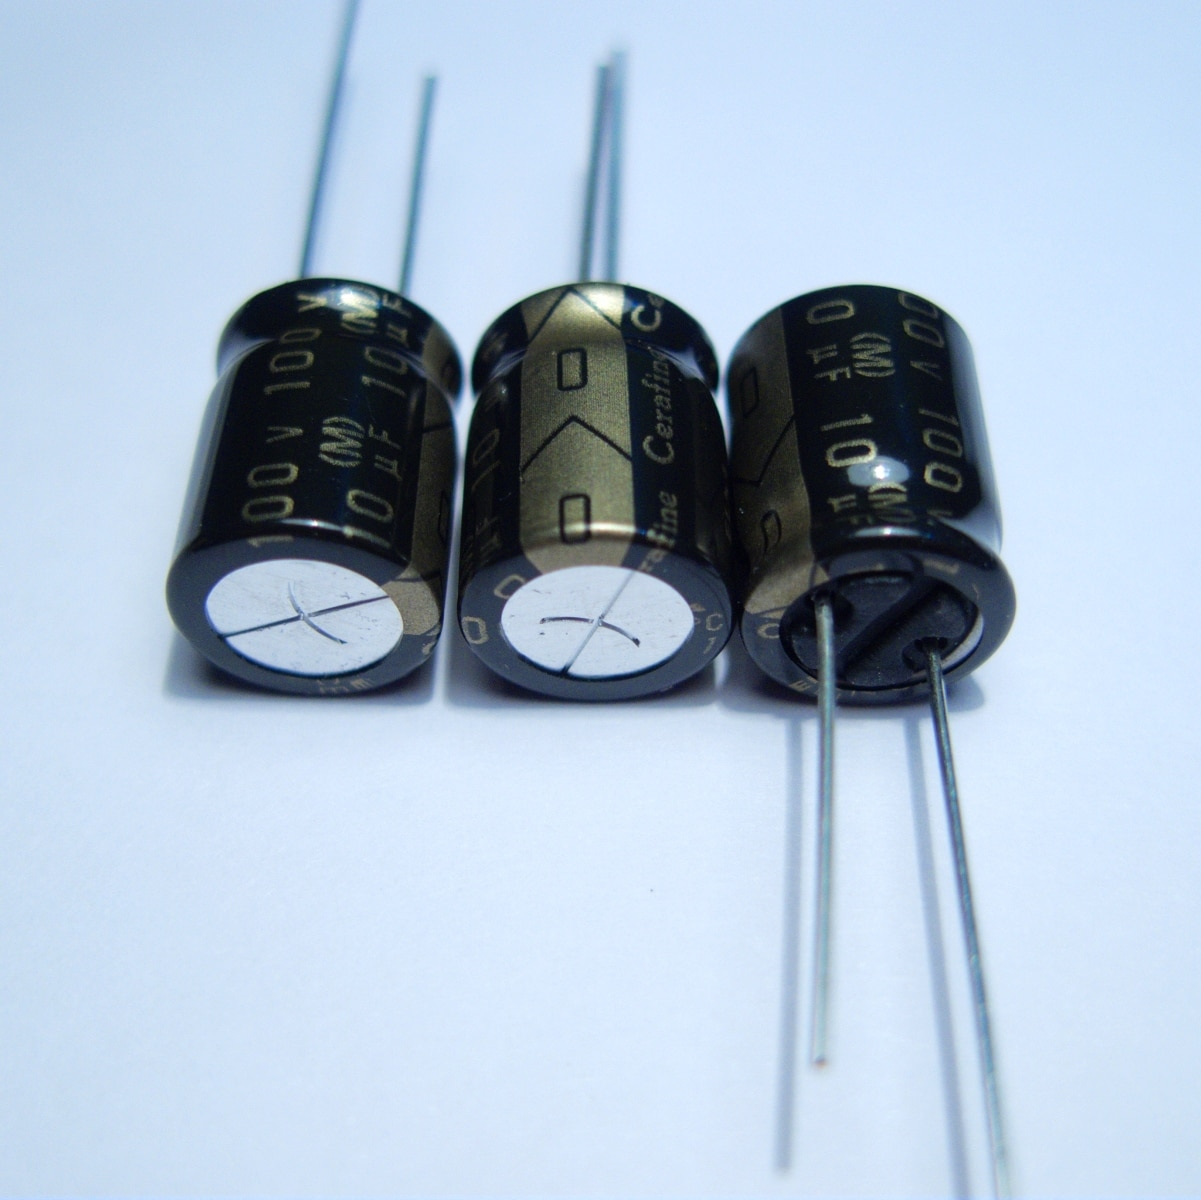 10pcs/20pcs New ELNA Cerafine audio capacitor 100v10uf copper feet audio super capacitor electrolytic capacitors free shipping 5pcs 10pcs elna silmcii 16v2200uf 18 40 copper capacitor audio super capacitor electrolytic capacitors free shipping